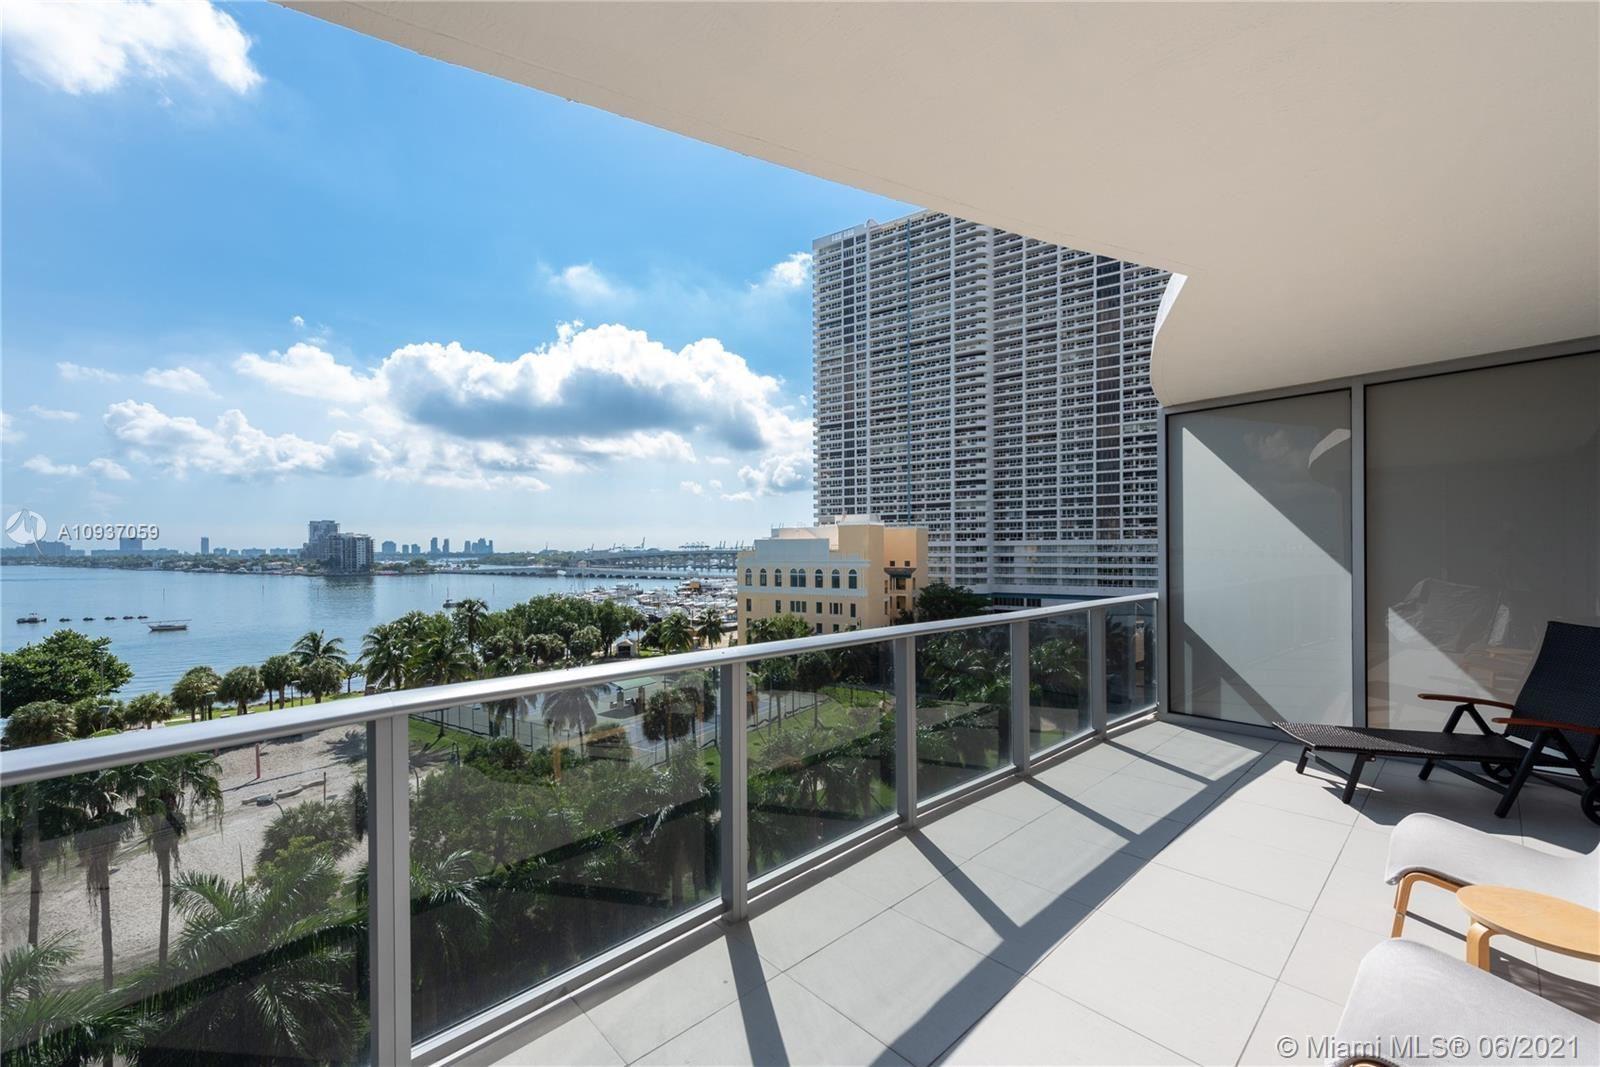 488 NE 18th St #604, Miami, FL 33132 - #: A10937059